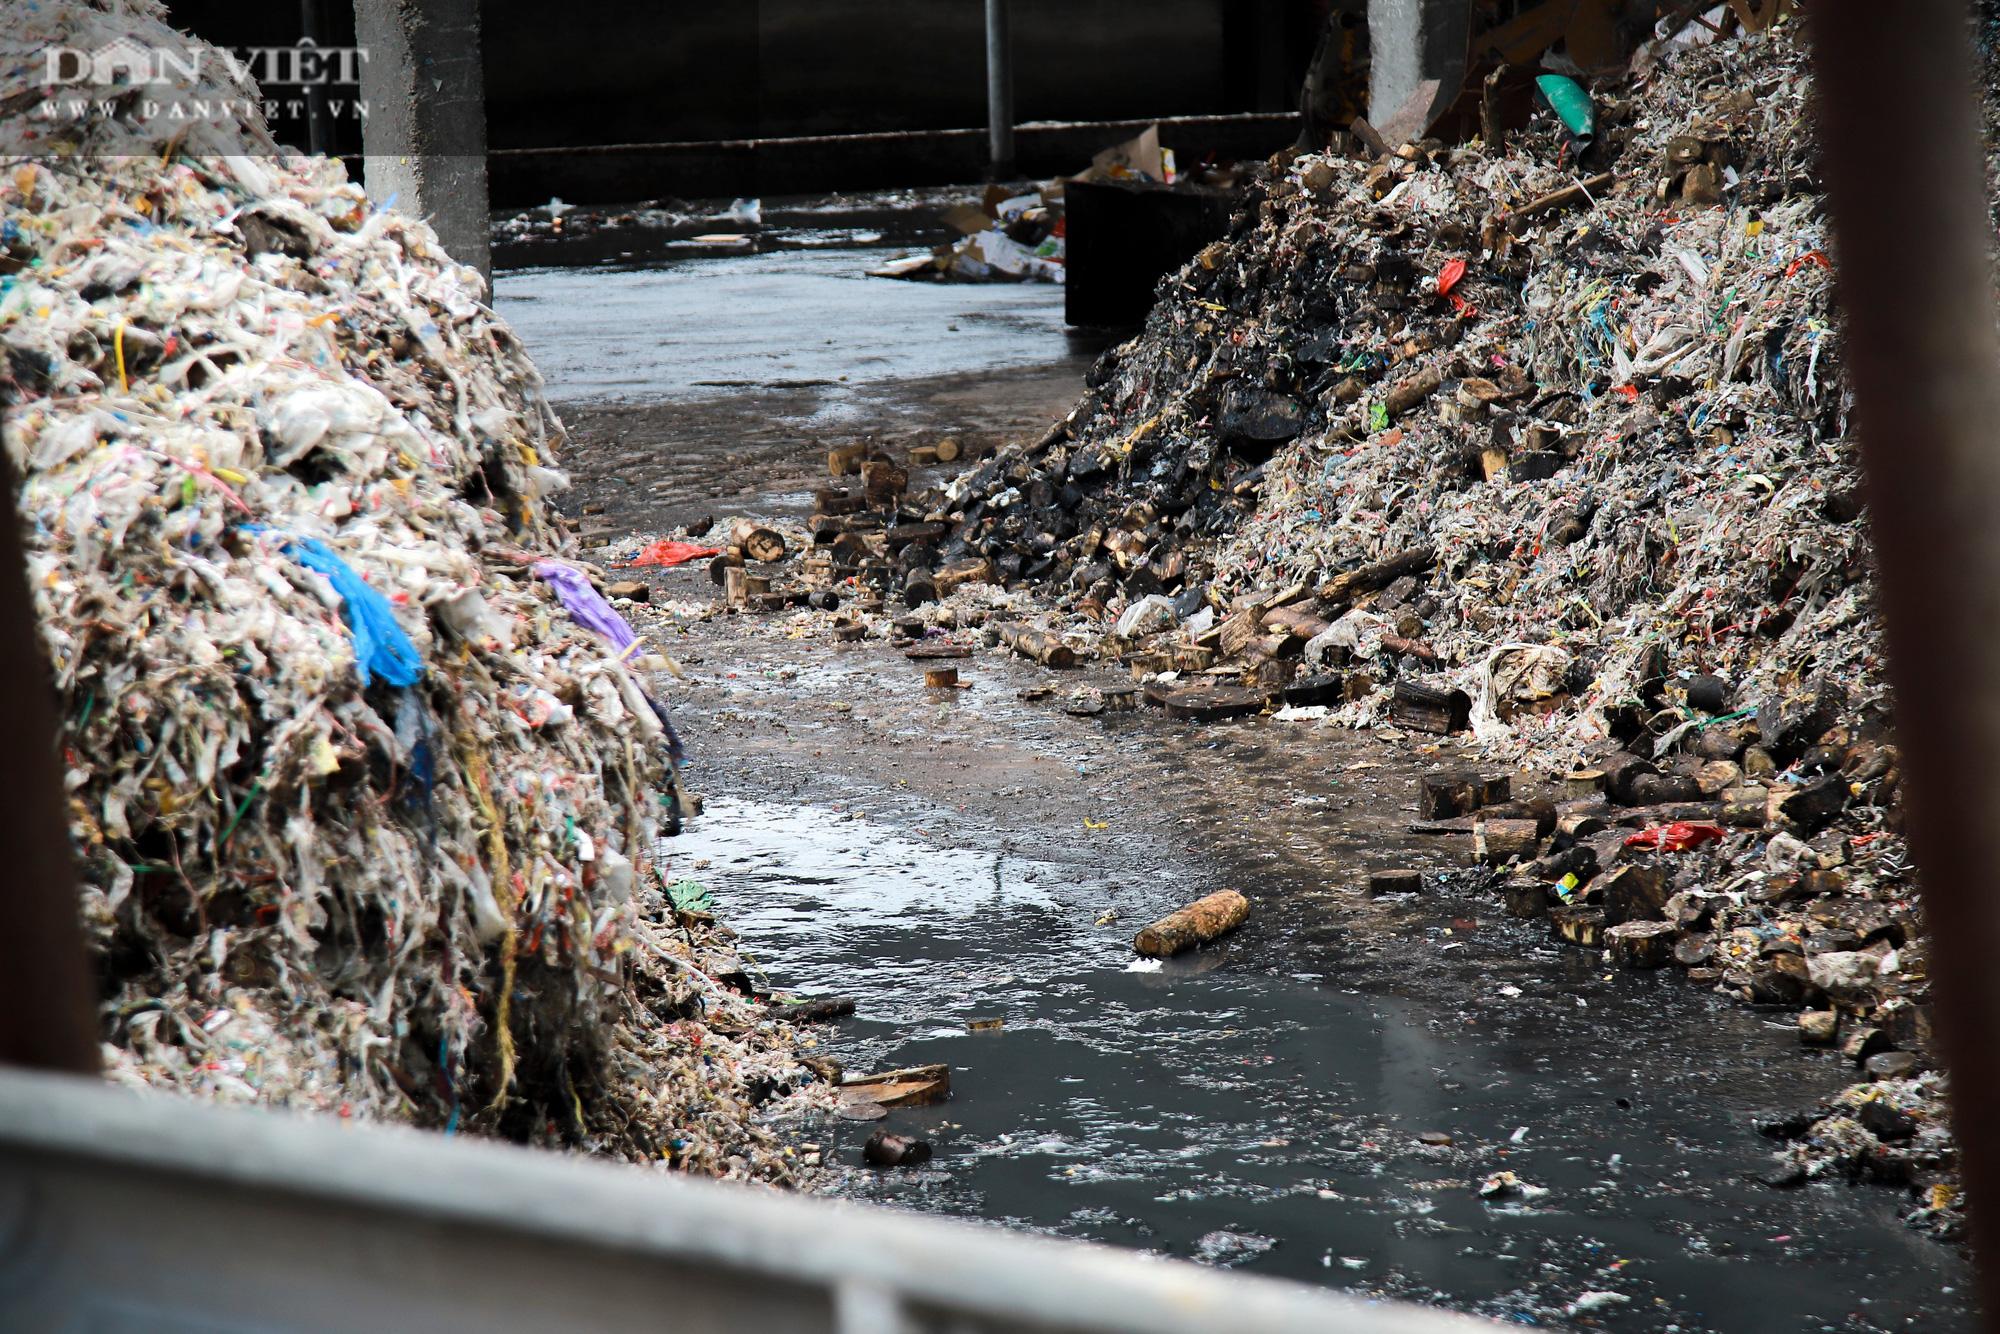 Ám ảnh khủng khiếp ở làng giấy Phú Lâm: Ô nhiễm đến con ruồi cũng không sống nổi, công nhân bán mòn sức - Ảnh 5.